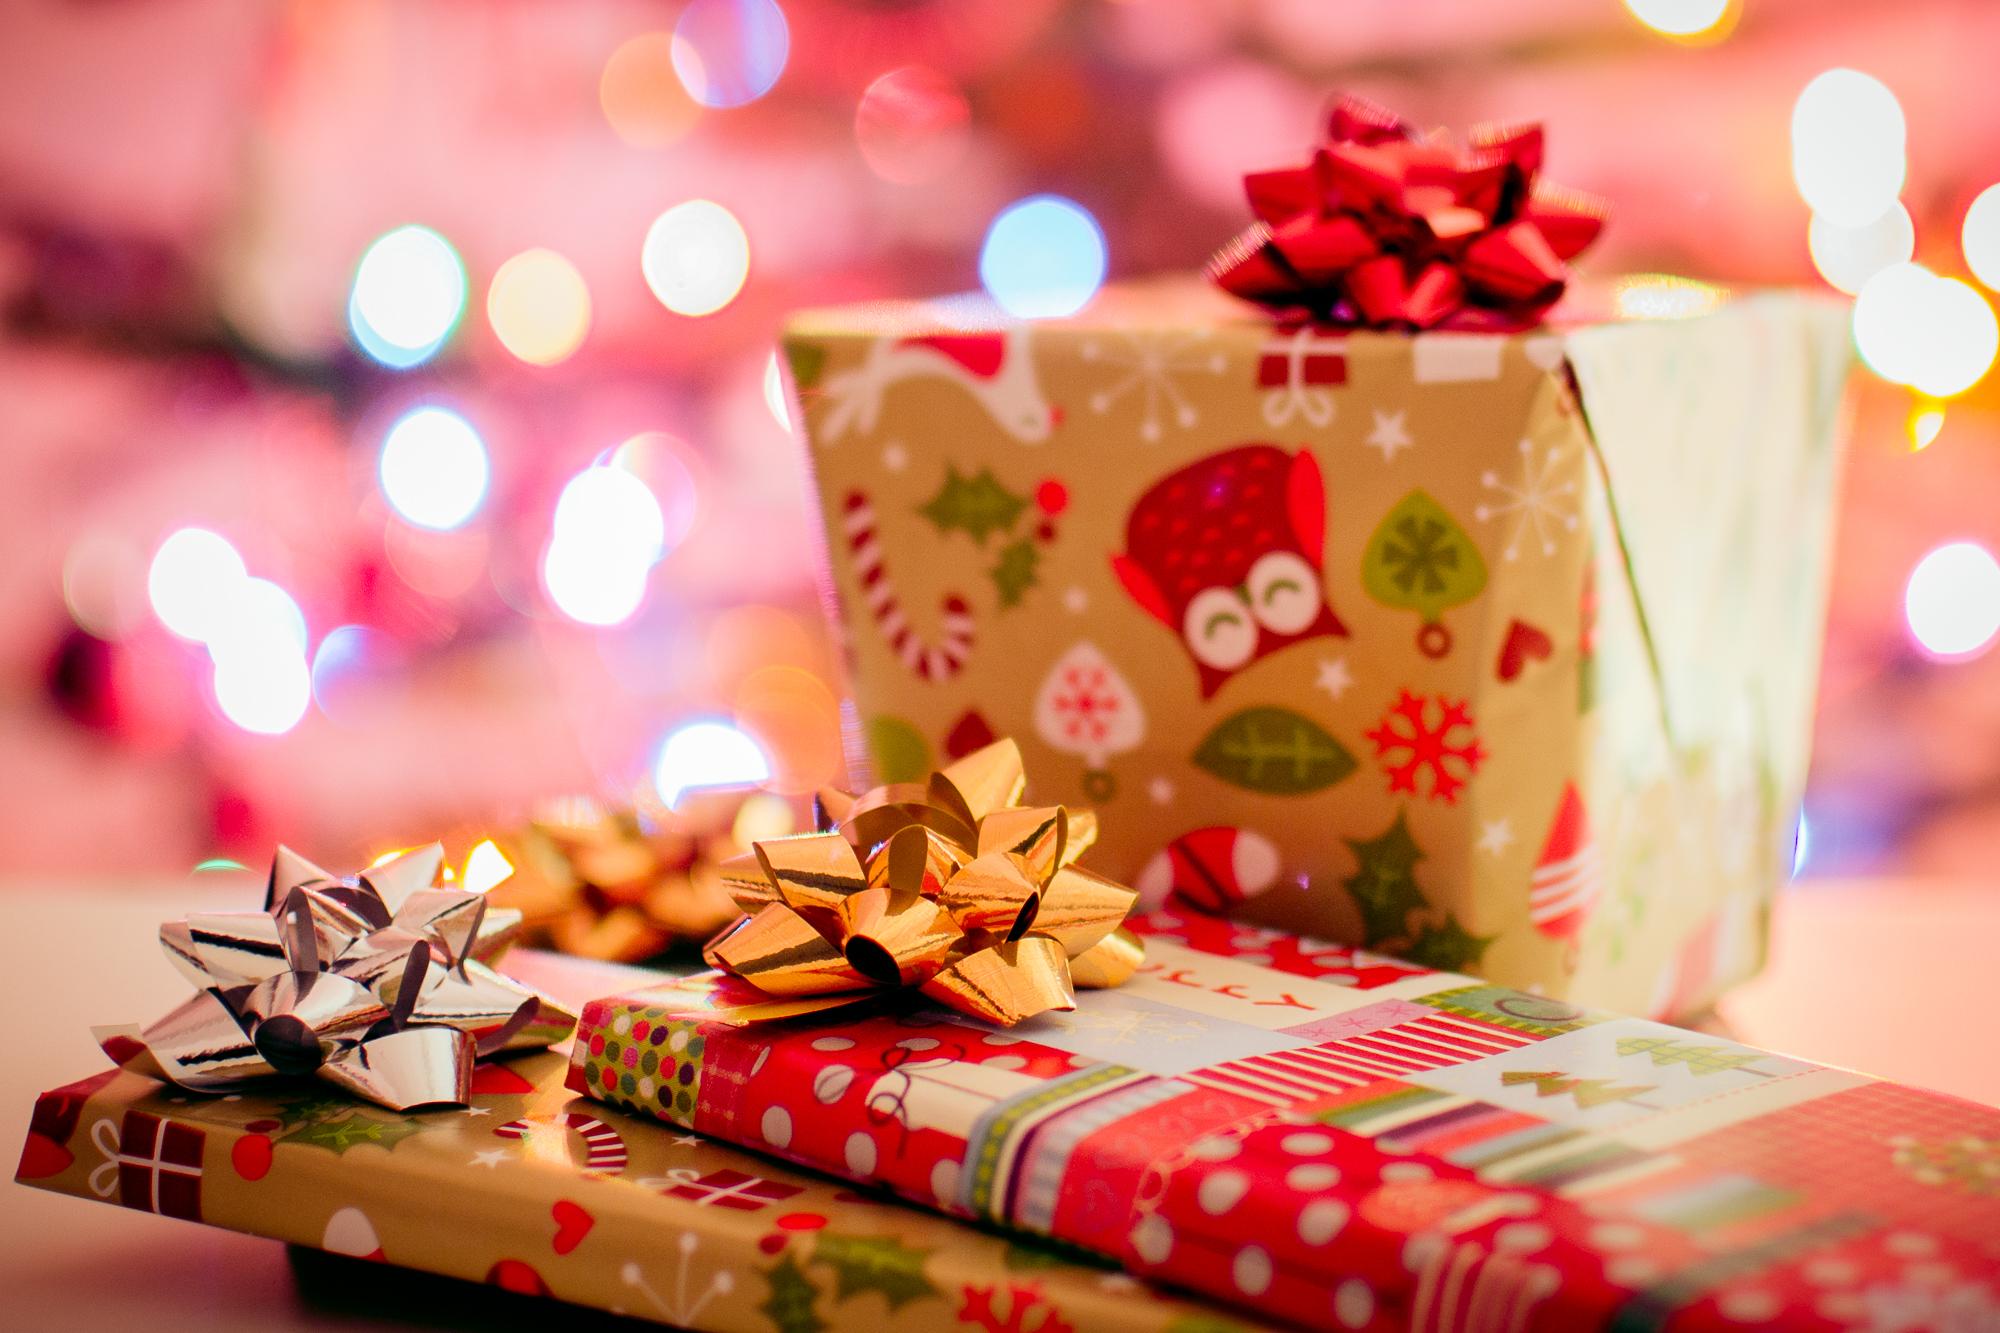 Regali terribili? Ecco le peggiori bugie da raccontare a Natale! #PlaystationPlus